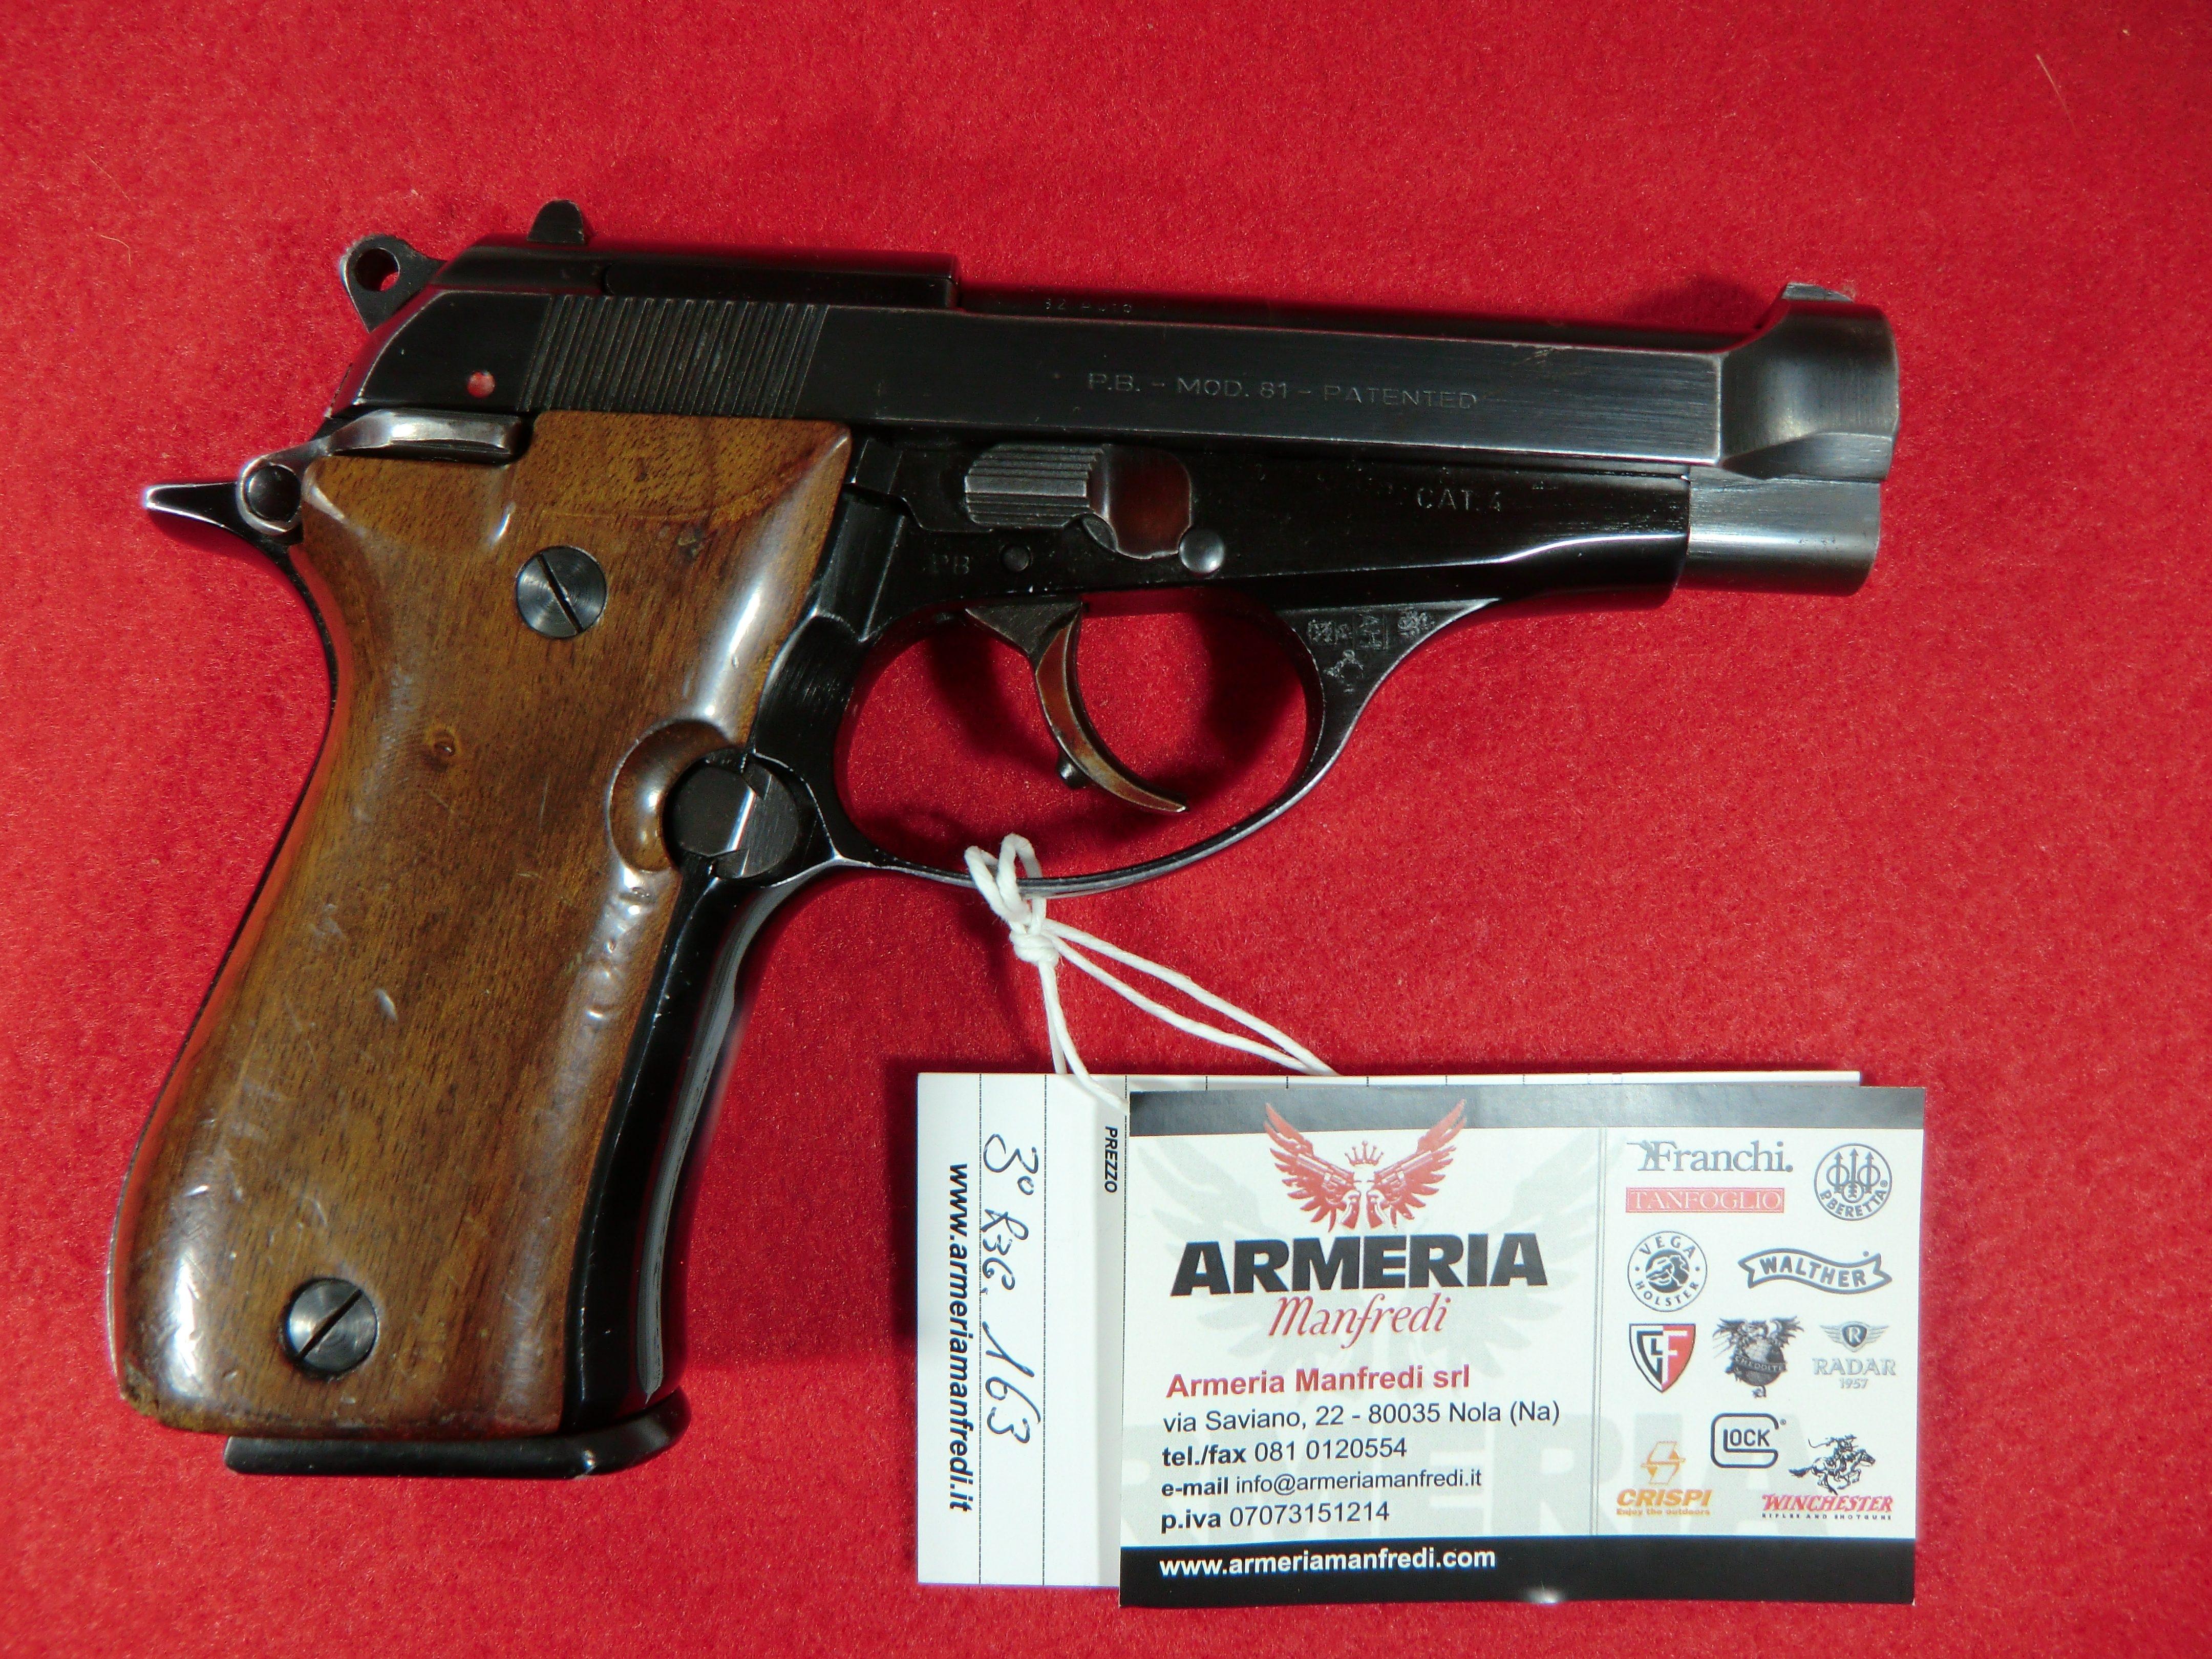 Beretta modello 81 calibro 7.65